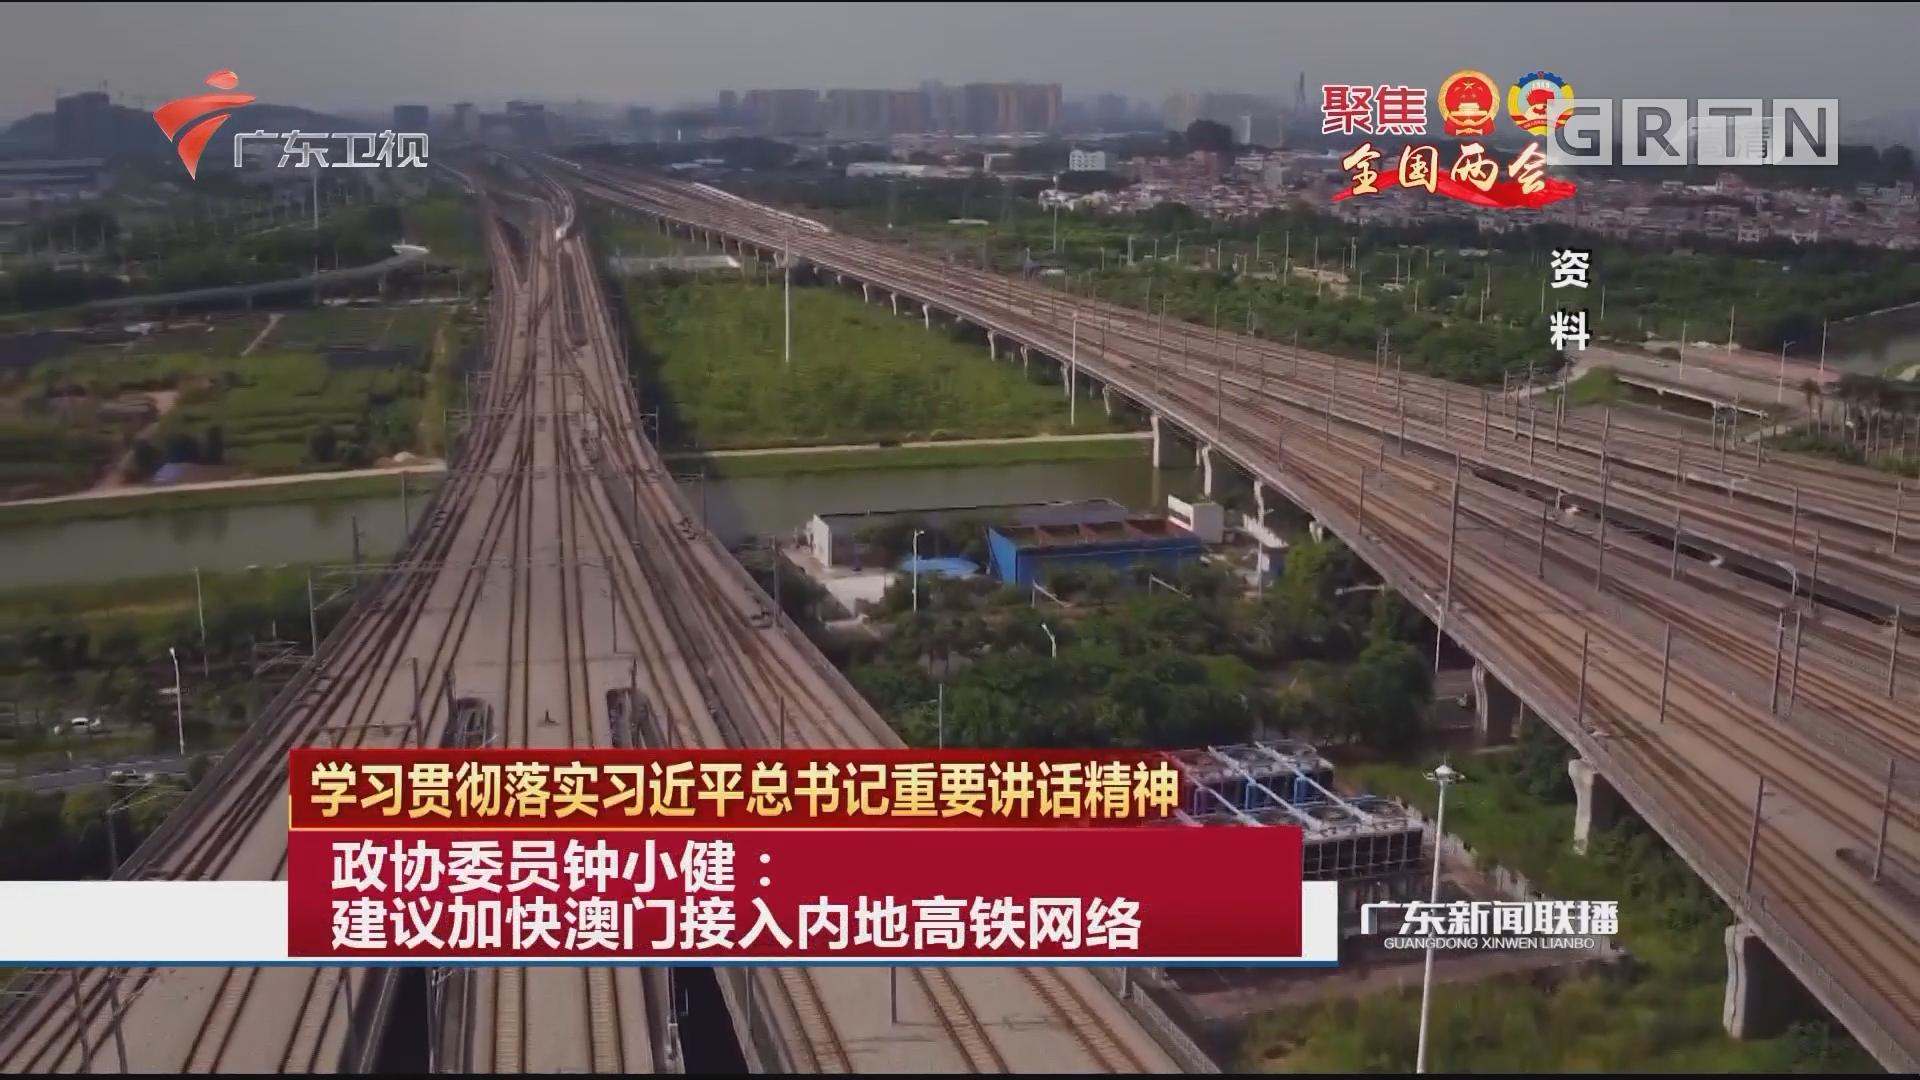 政协委员钟小健:建议加快澳门接入内地高铁网络